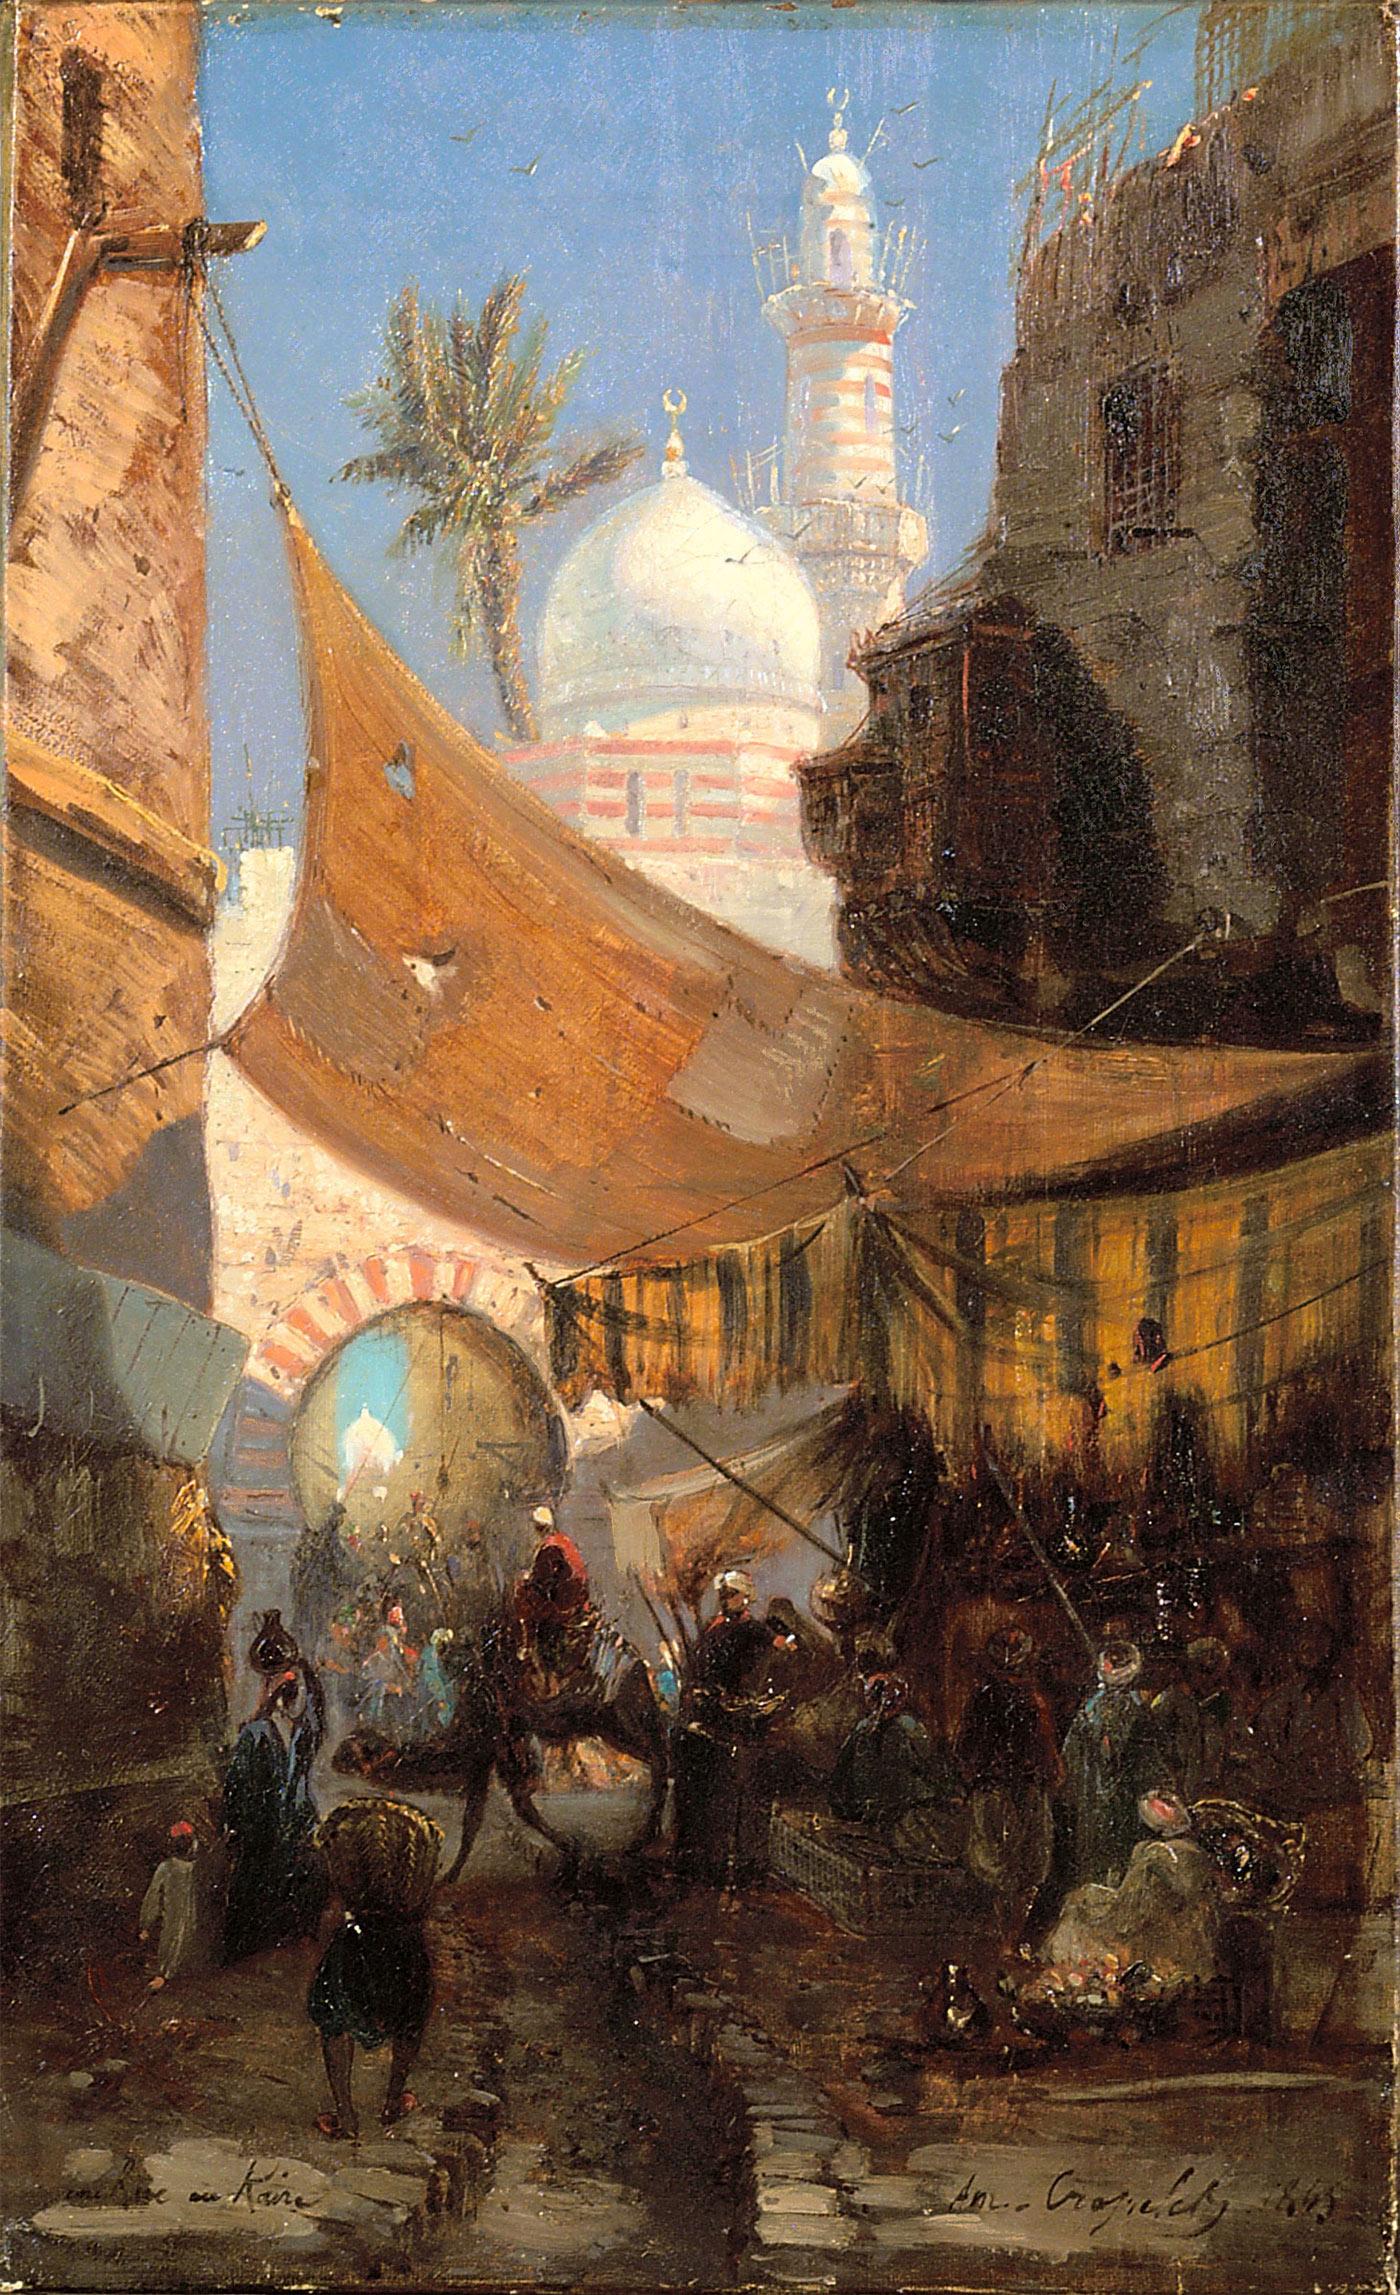 Ruelle au Caire